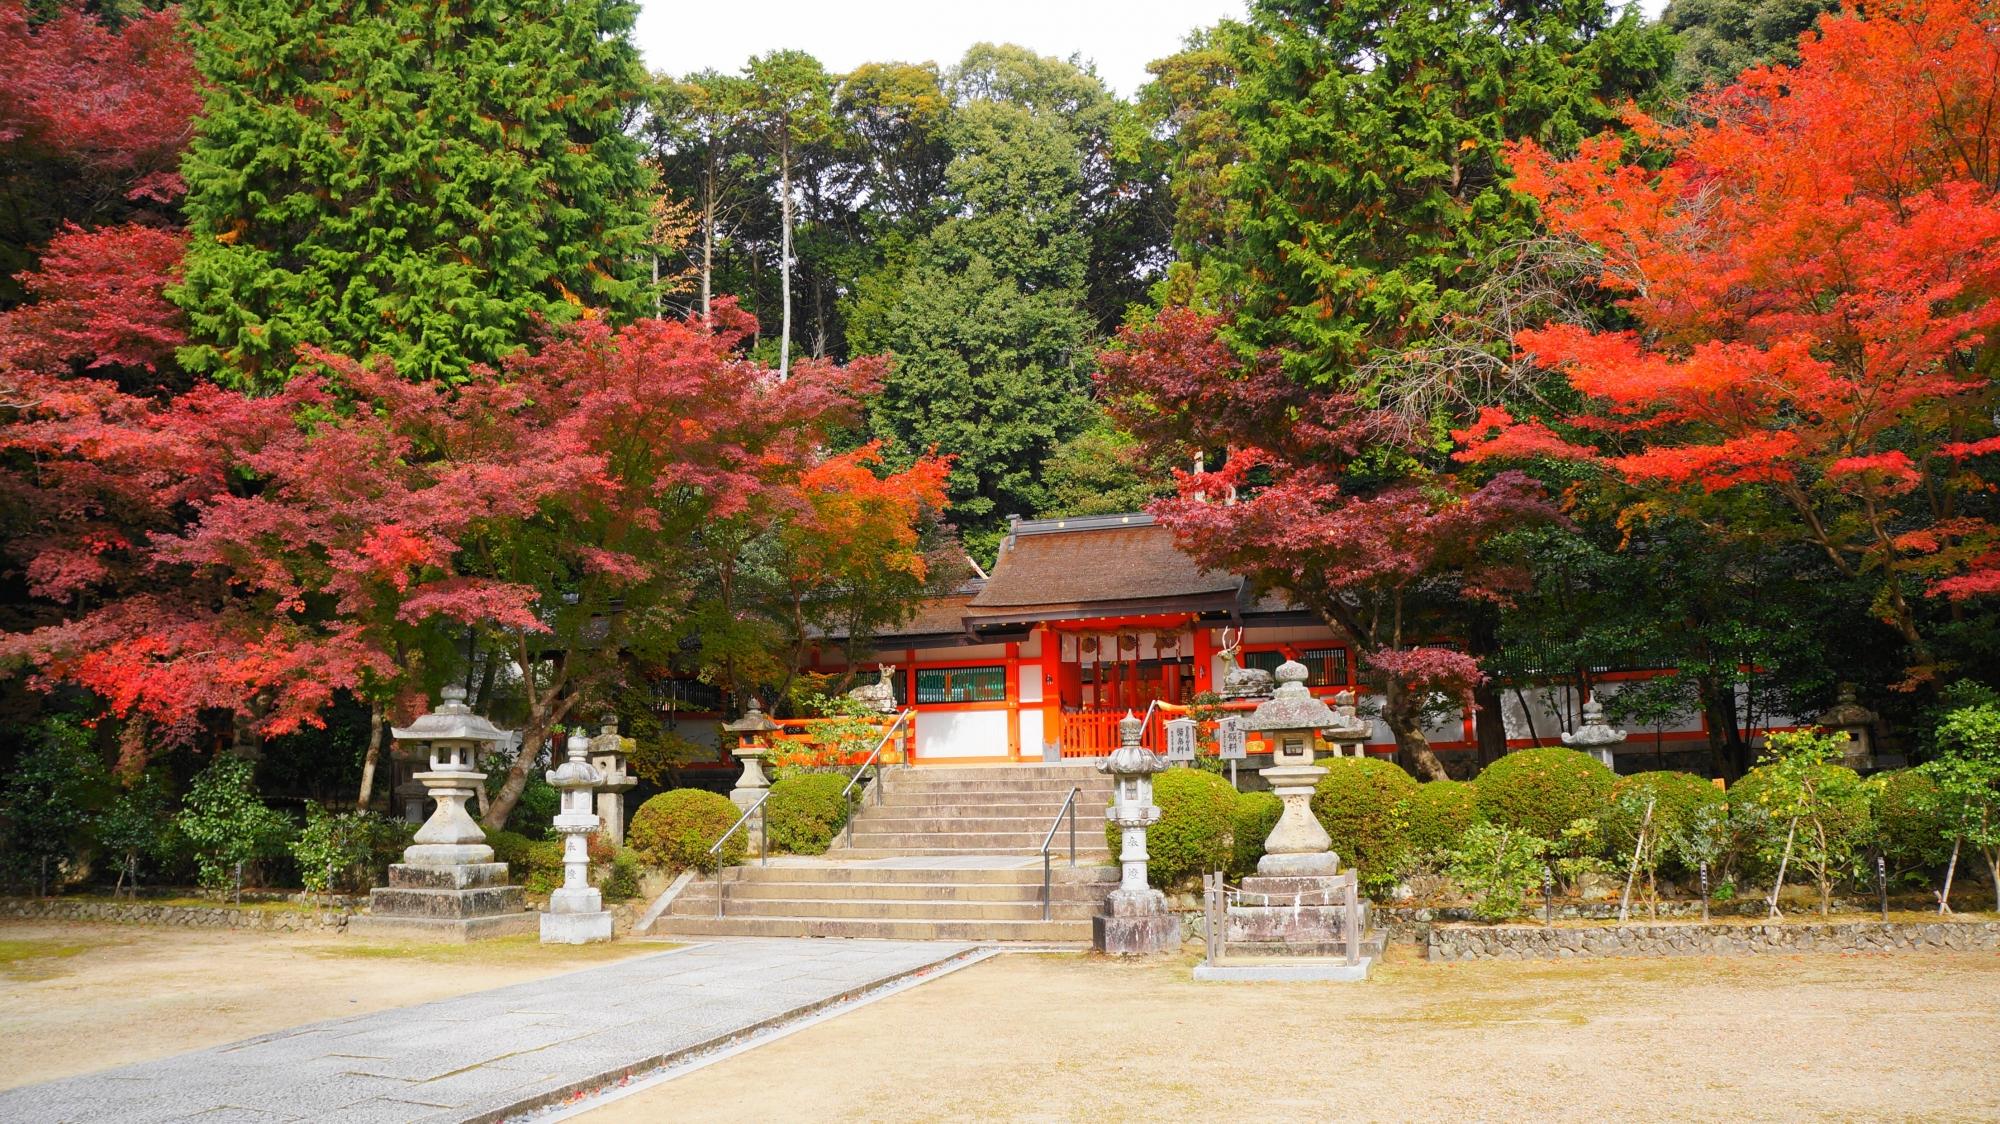 大原野神社の本殿横の色合いの違う紅葉